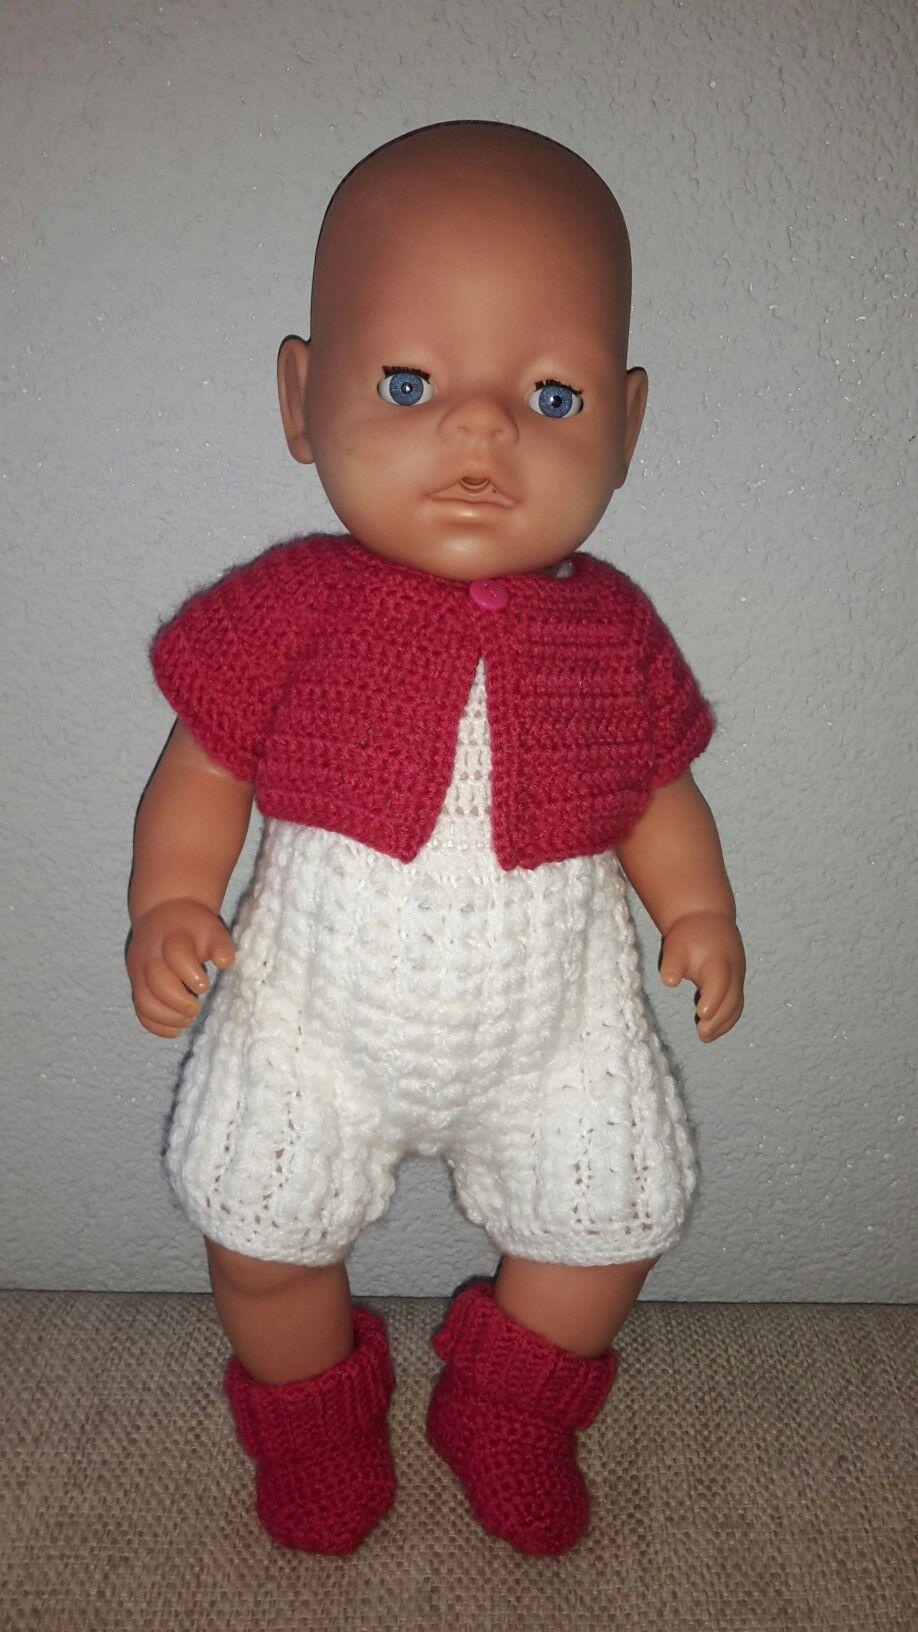 Baby Born Kleding Setje Kruippakje Vestje En Sokjes Voor Patronen